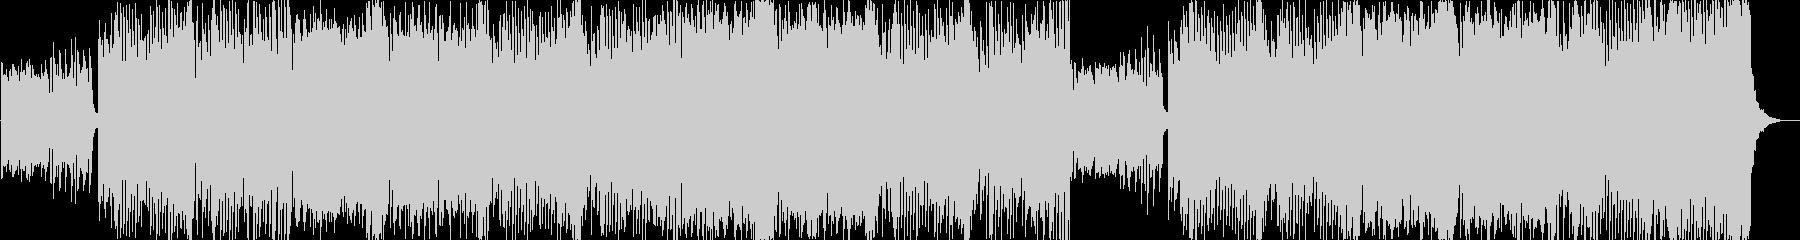 キラキラしたエレクトリカルパレード風曲bの未再生の波形